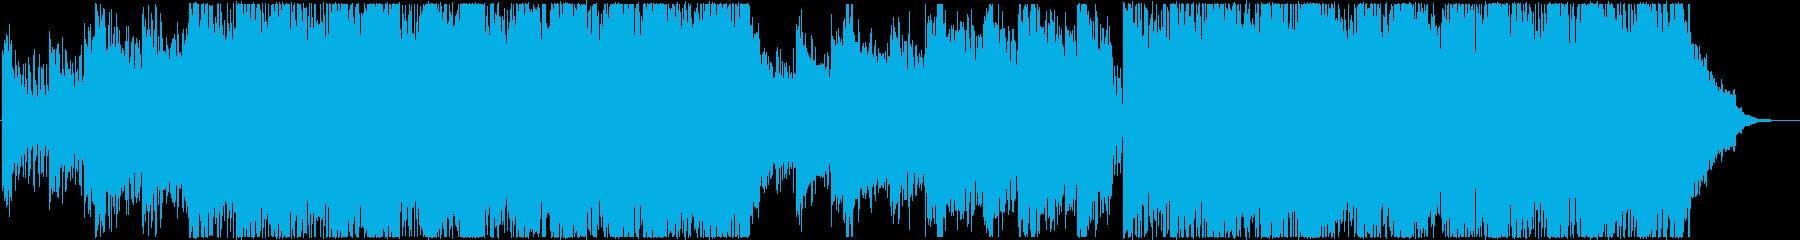 トロピカルなchill houseの再生済みの波形